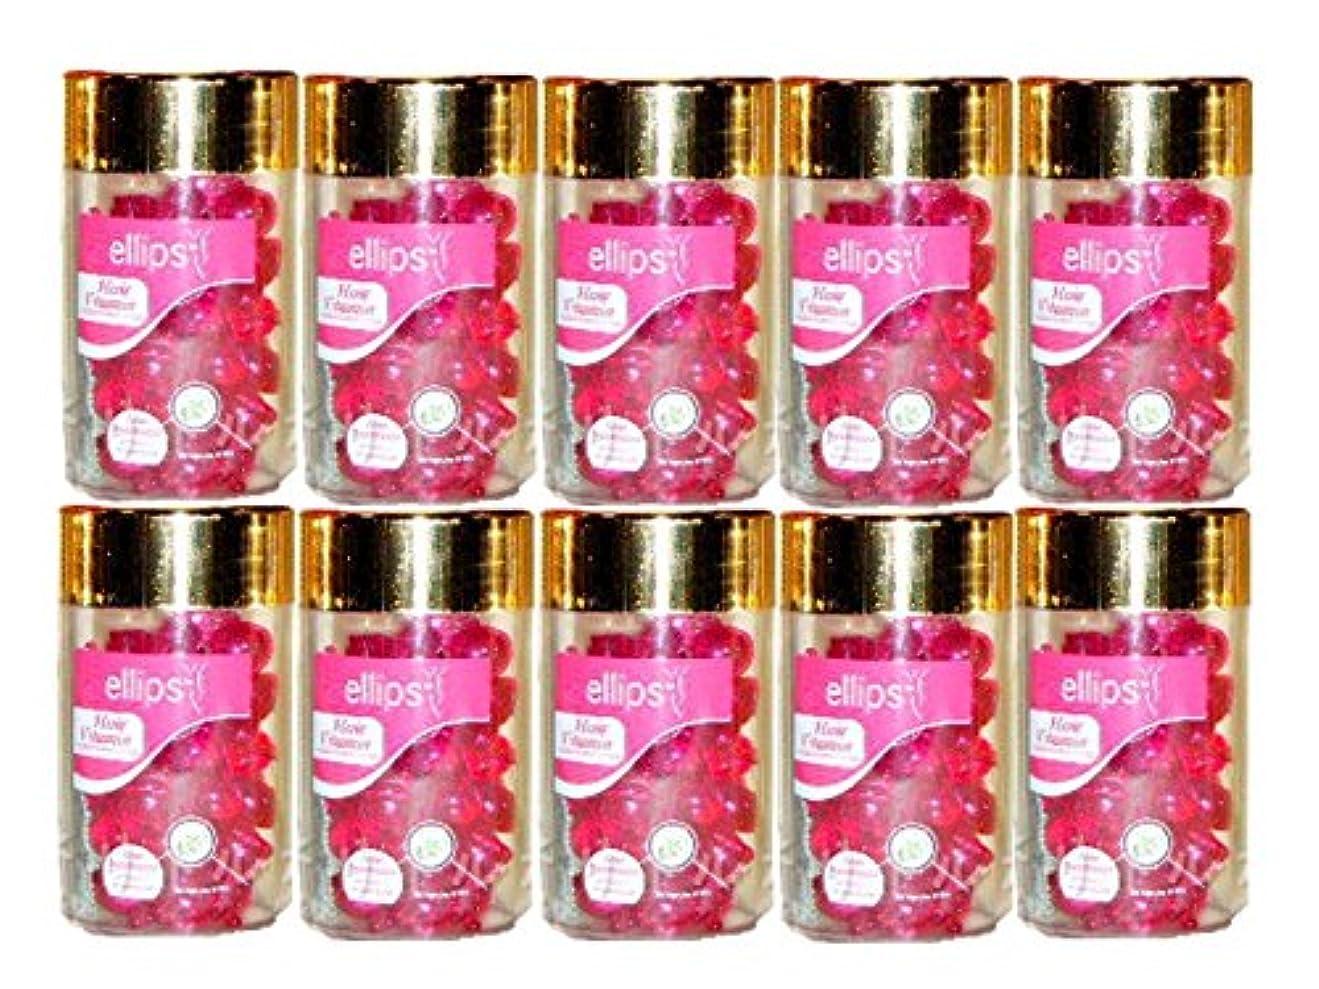 色ヒップクレーターエリップスellipsヘアビタミン50粒入り×10本組洗い流さないヘアトリートメント(バリ島直送品) (ピンク10本) [並行輸入品]